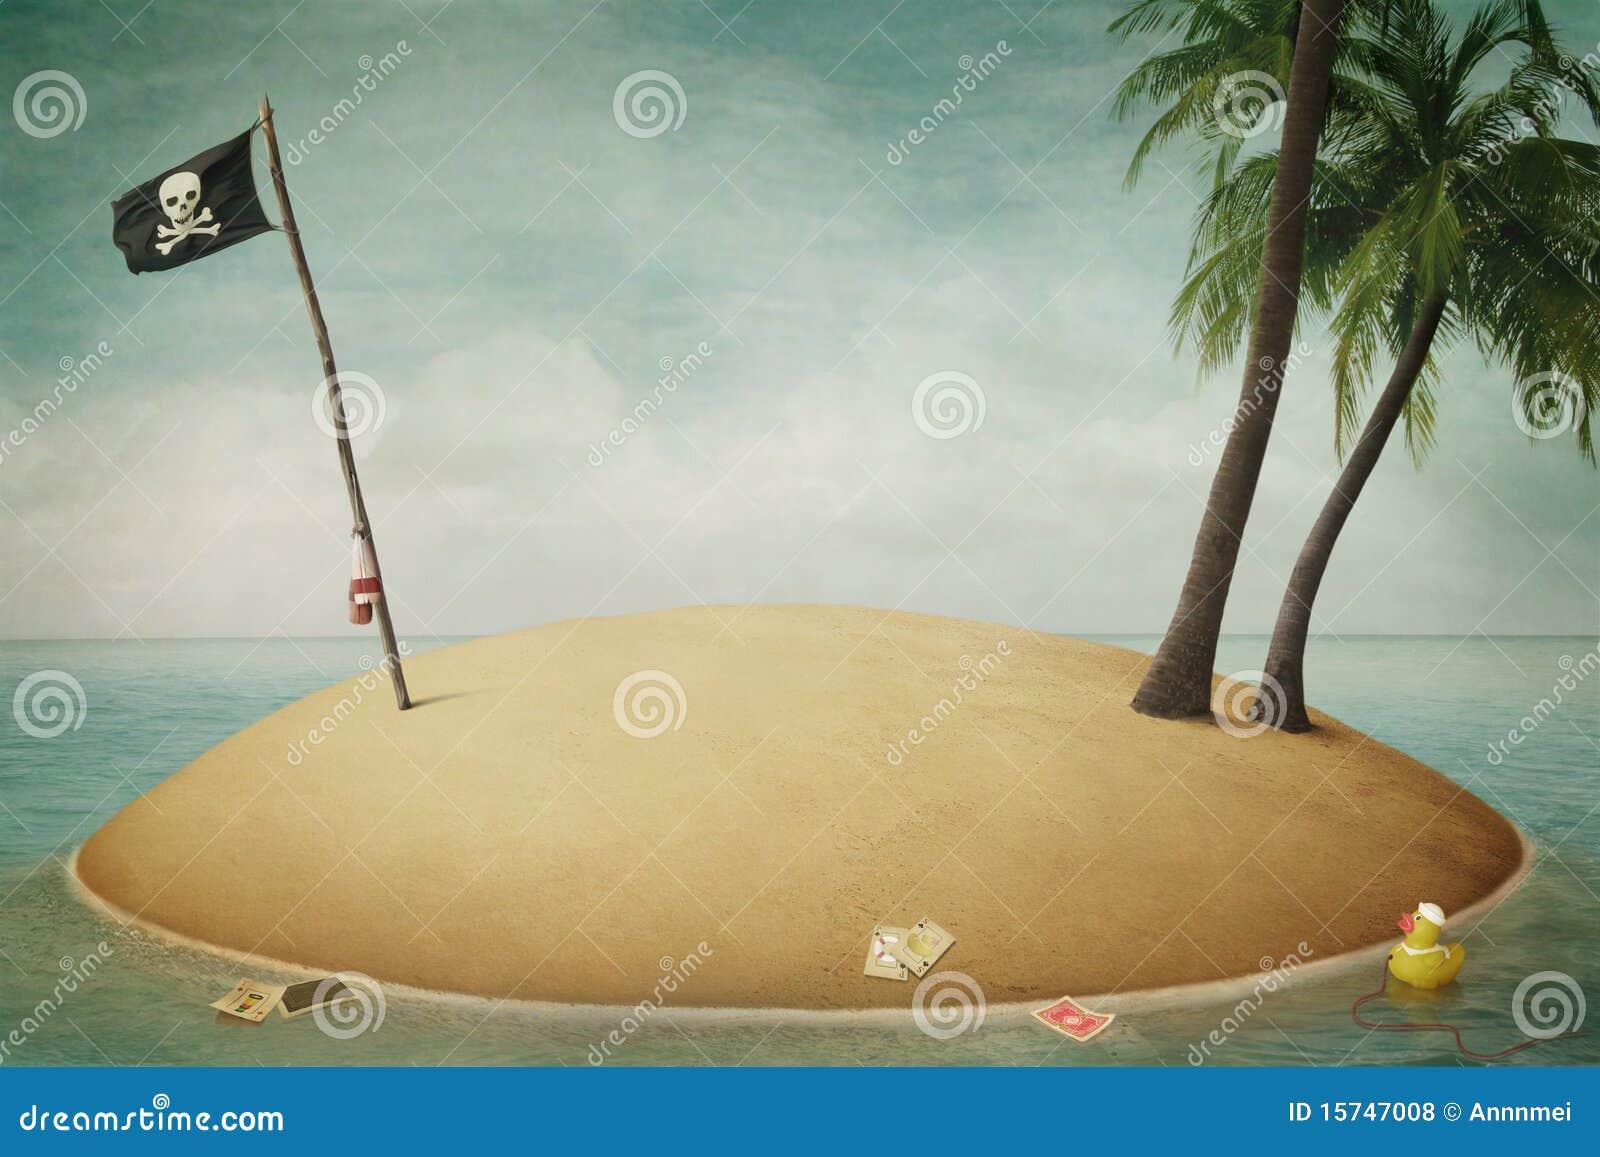 Isla, piratas, aventura y mar